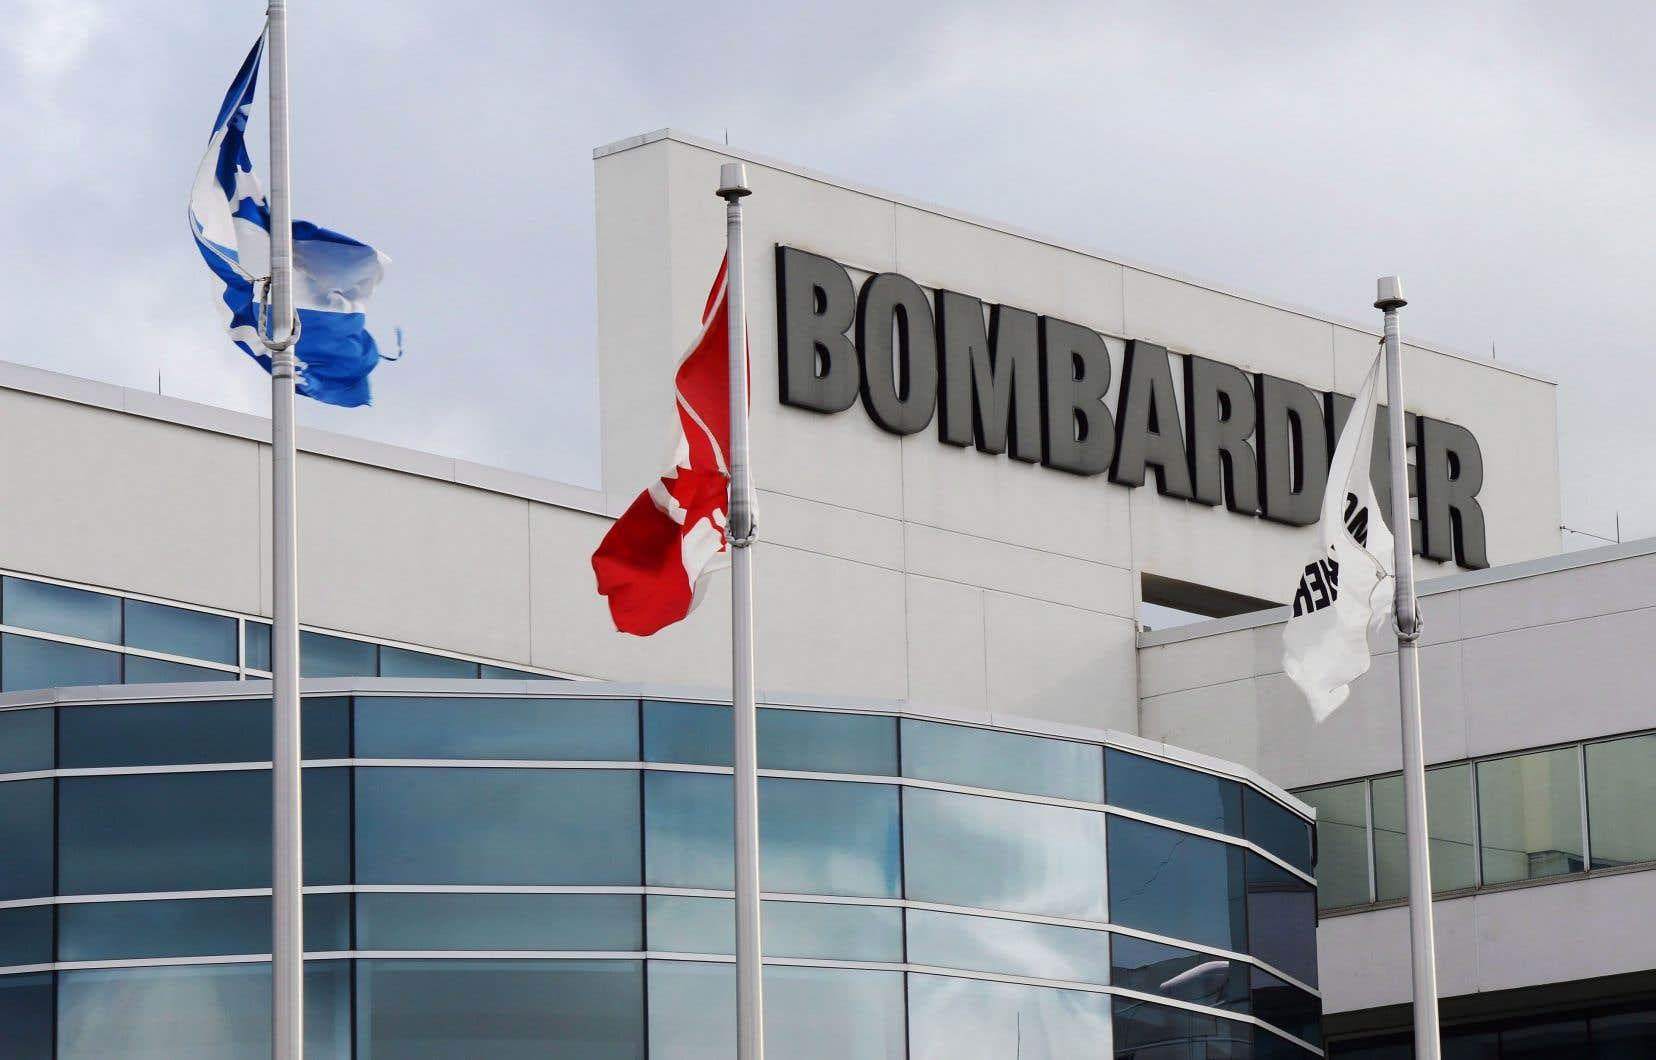 Bombardier s'est recentrée sur les avions d'affaires après avoir cédé plusieurs divisions pour redresser son bilan, mais la pandémie l'empêche maintenant de faire des prévisions financières.